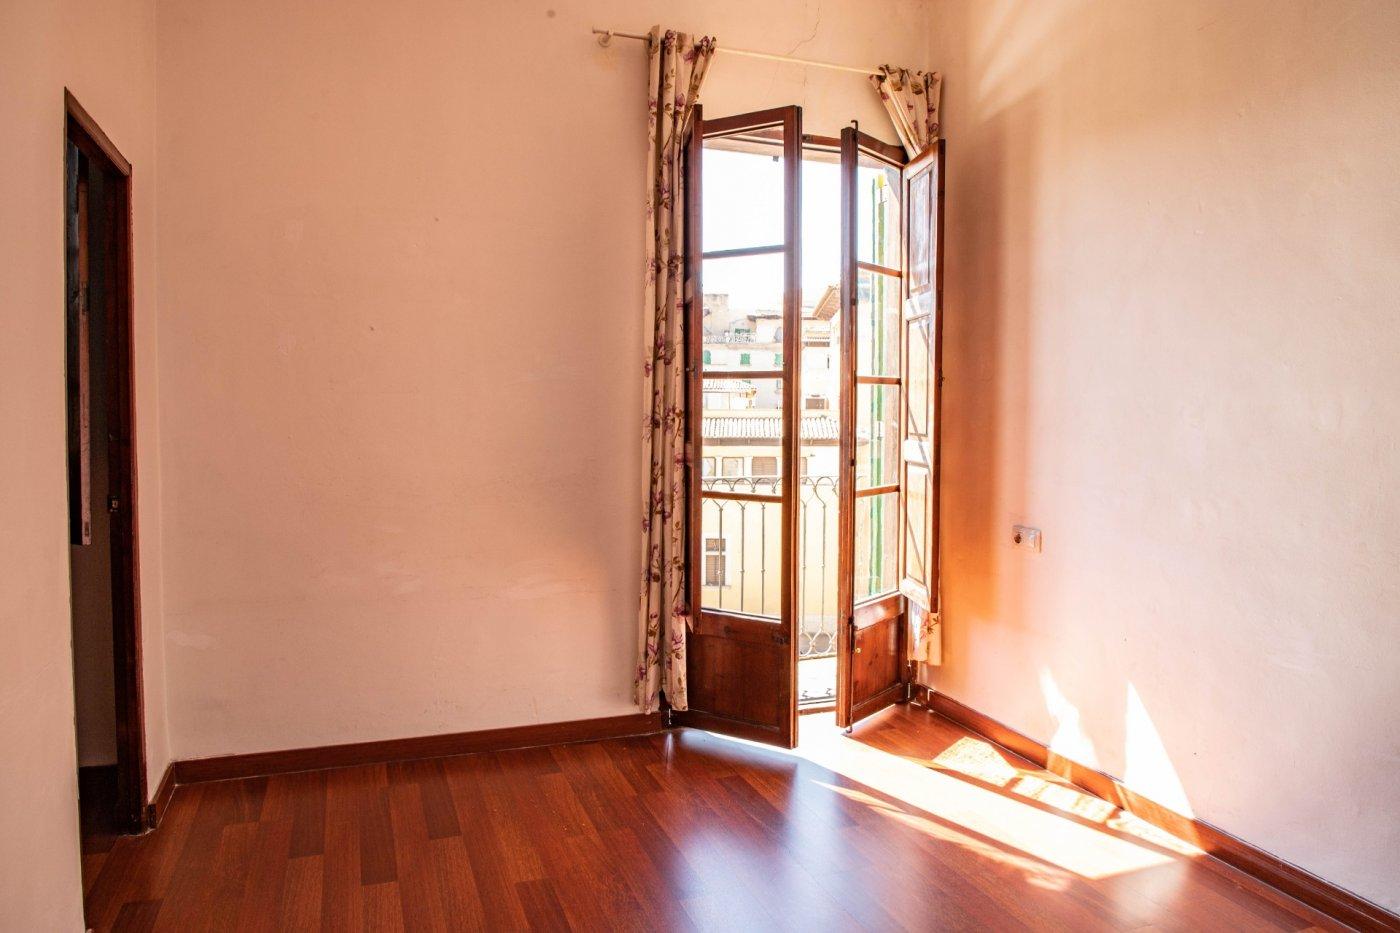 Precioso piso antiguo con mucho carácter en el centro de palma - imagenInmueble15